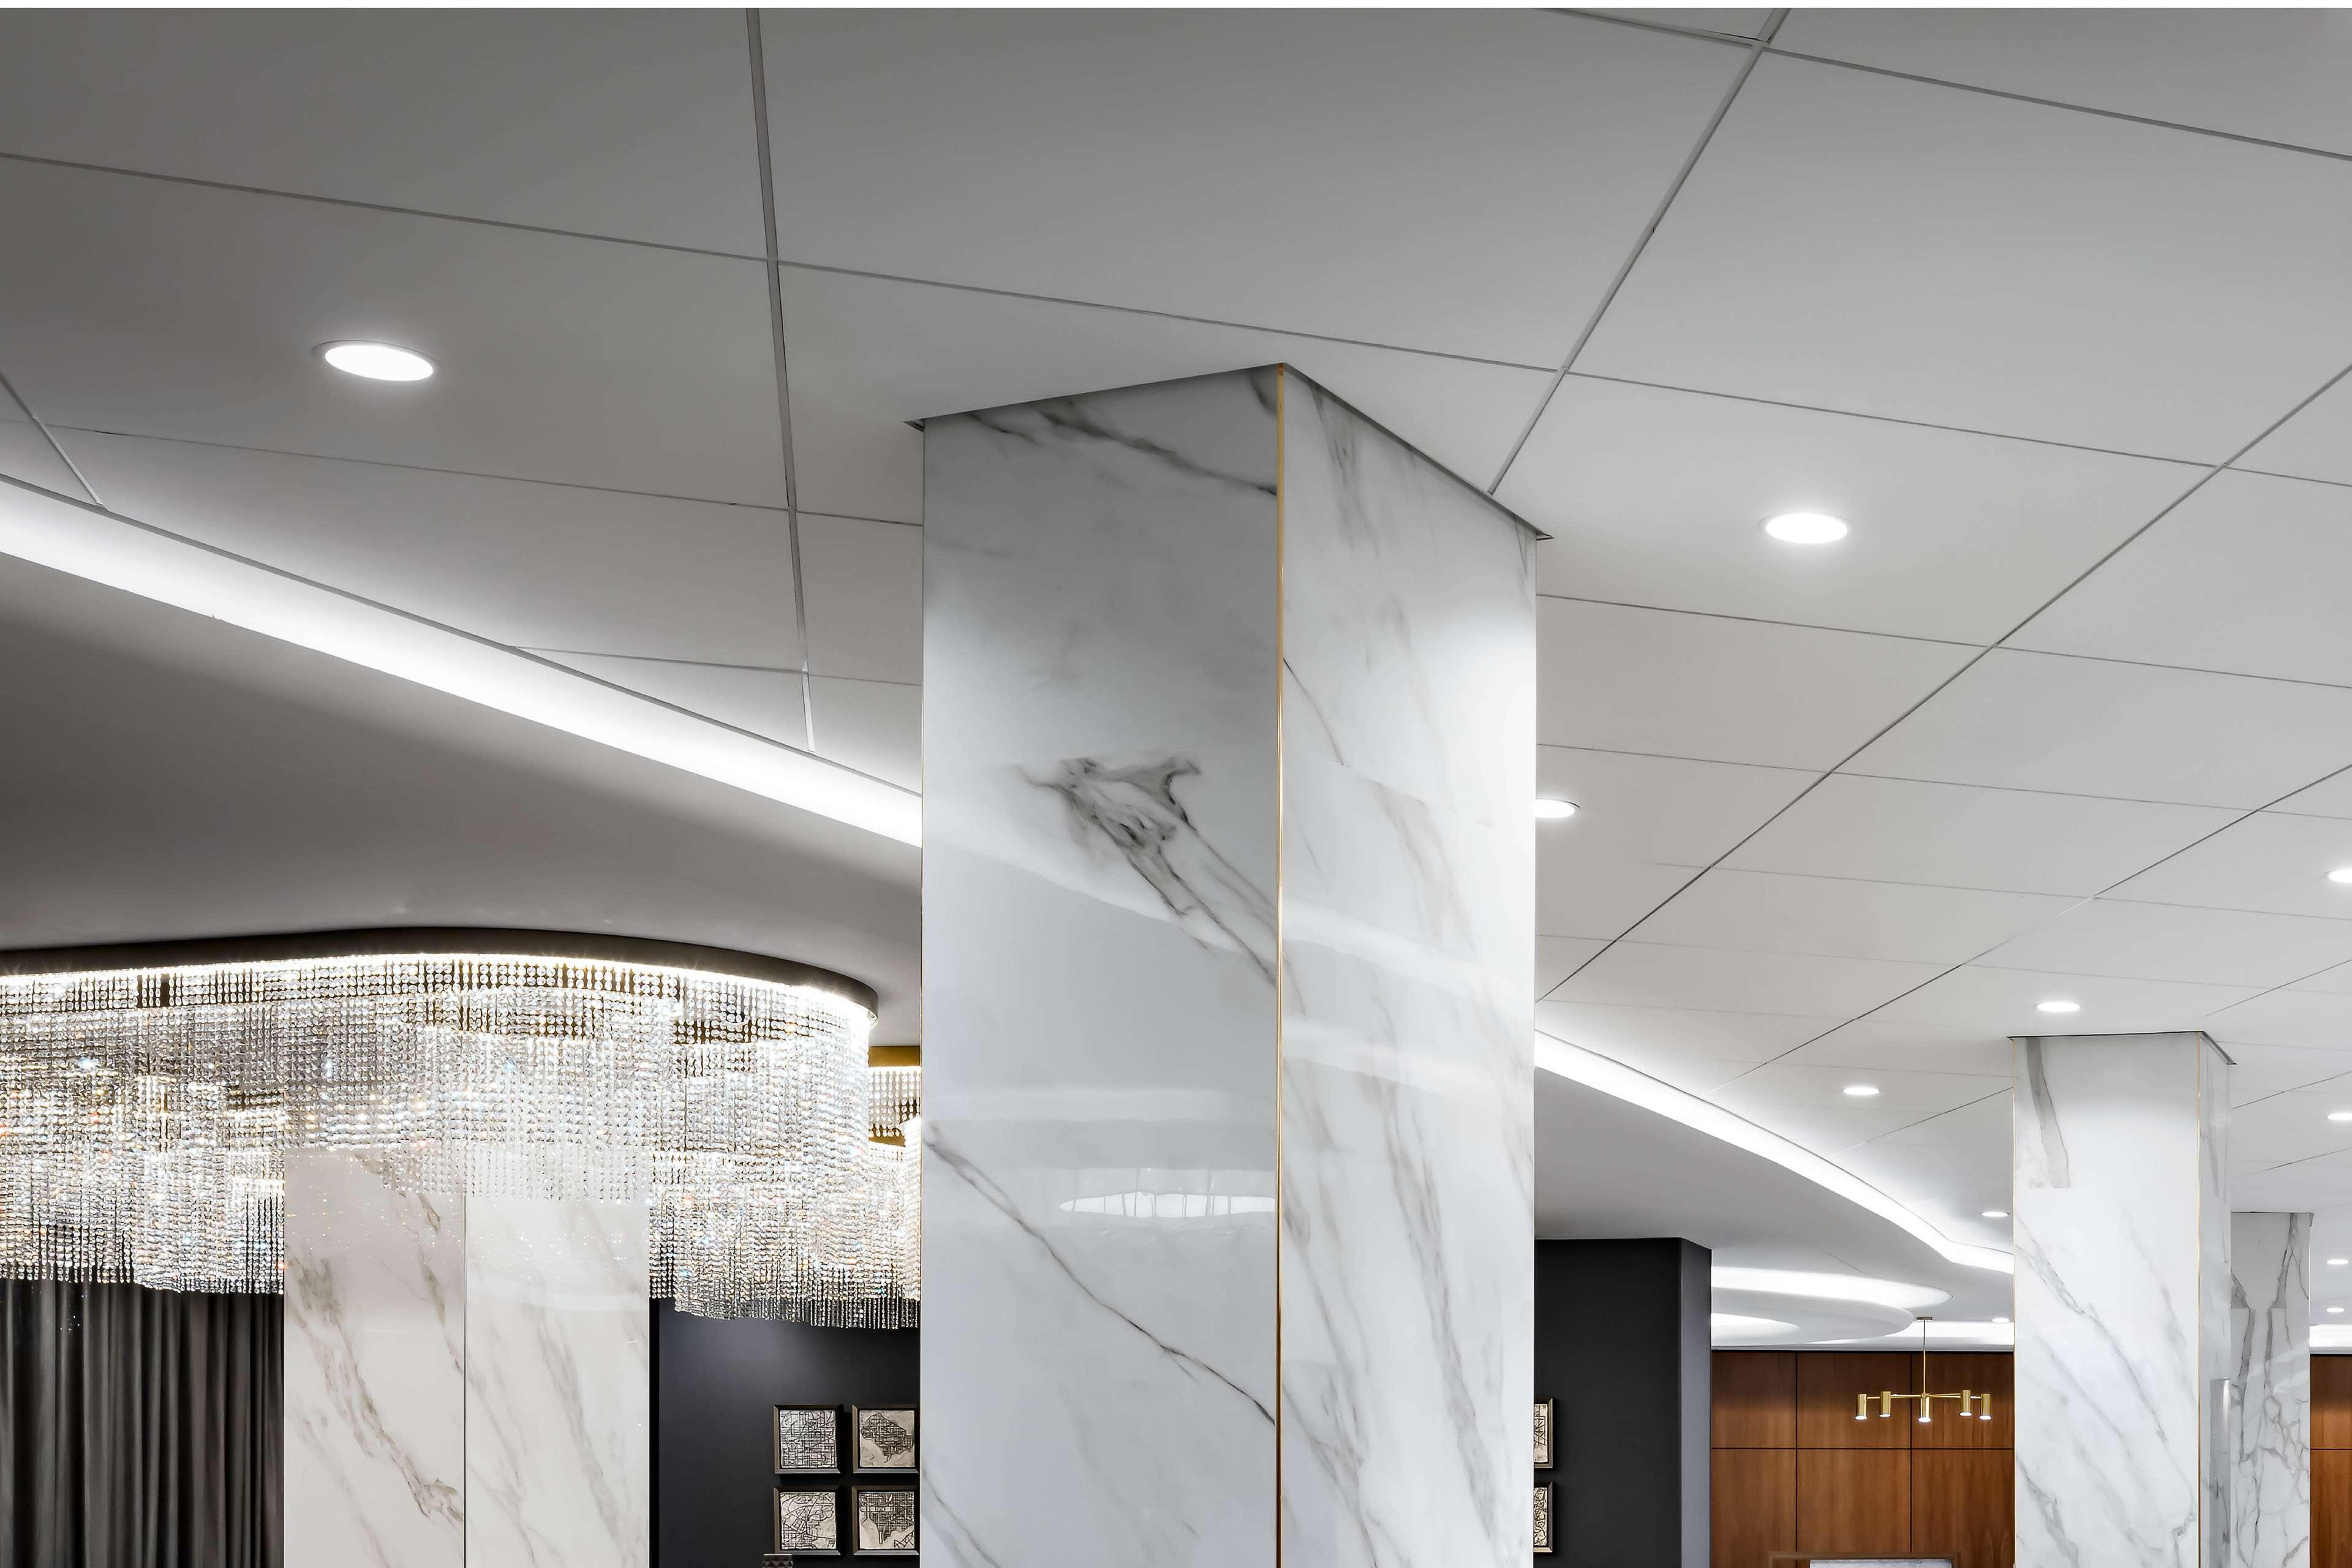 Washington Hilton image 3